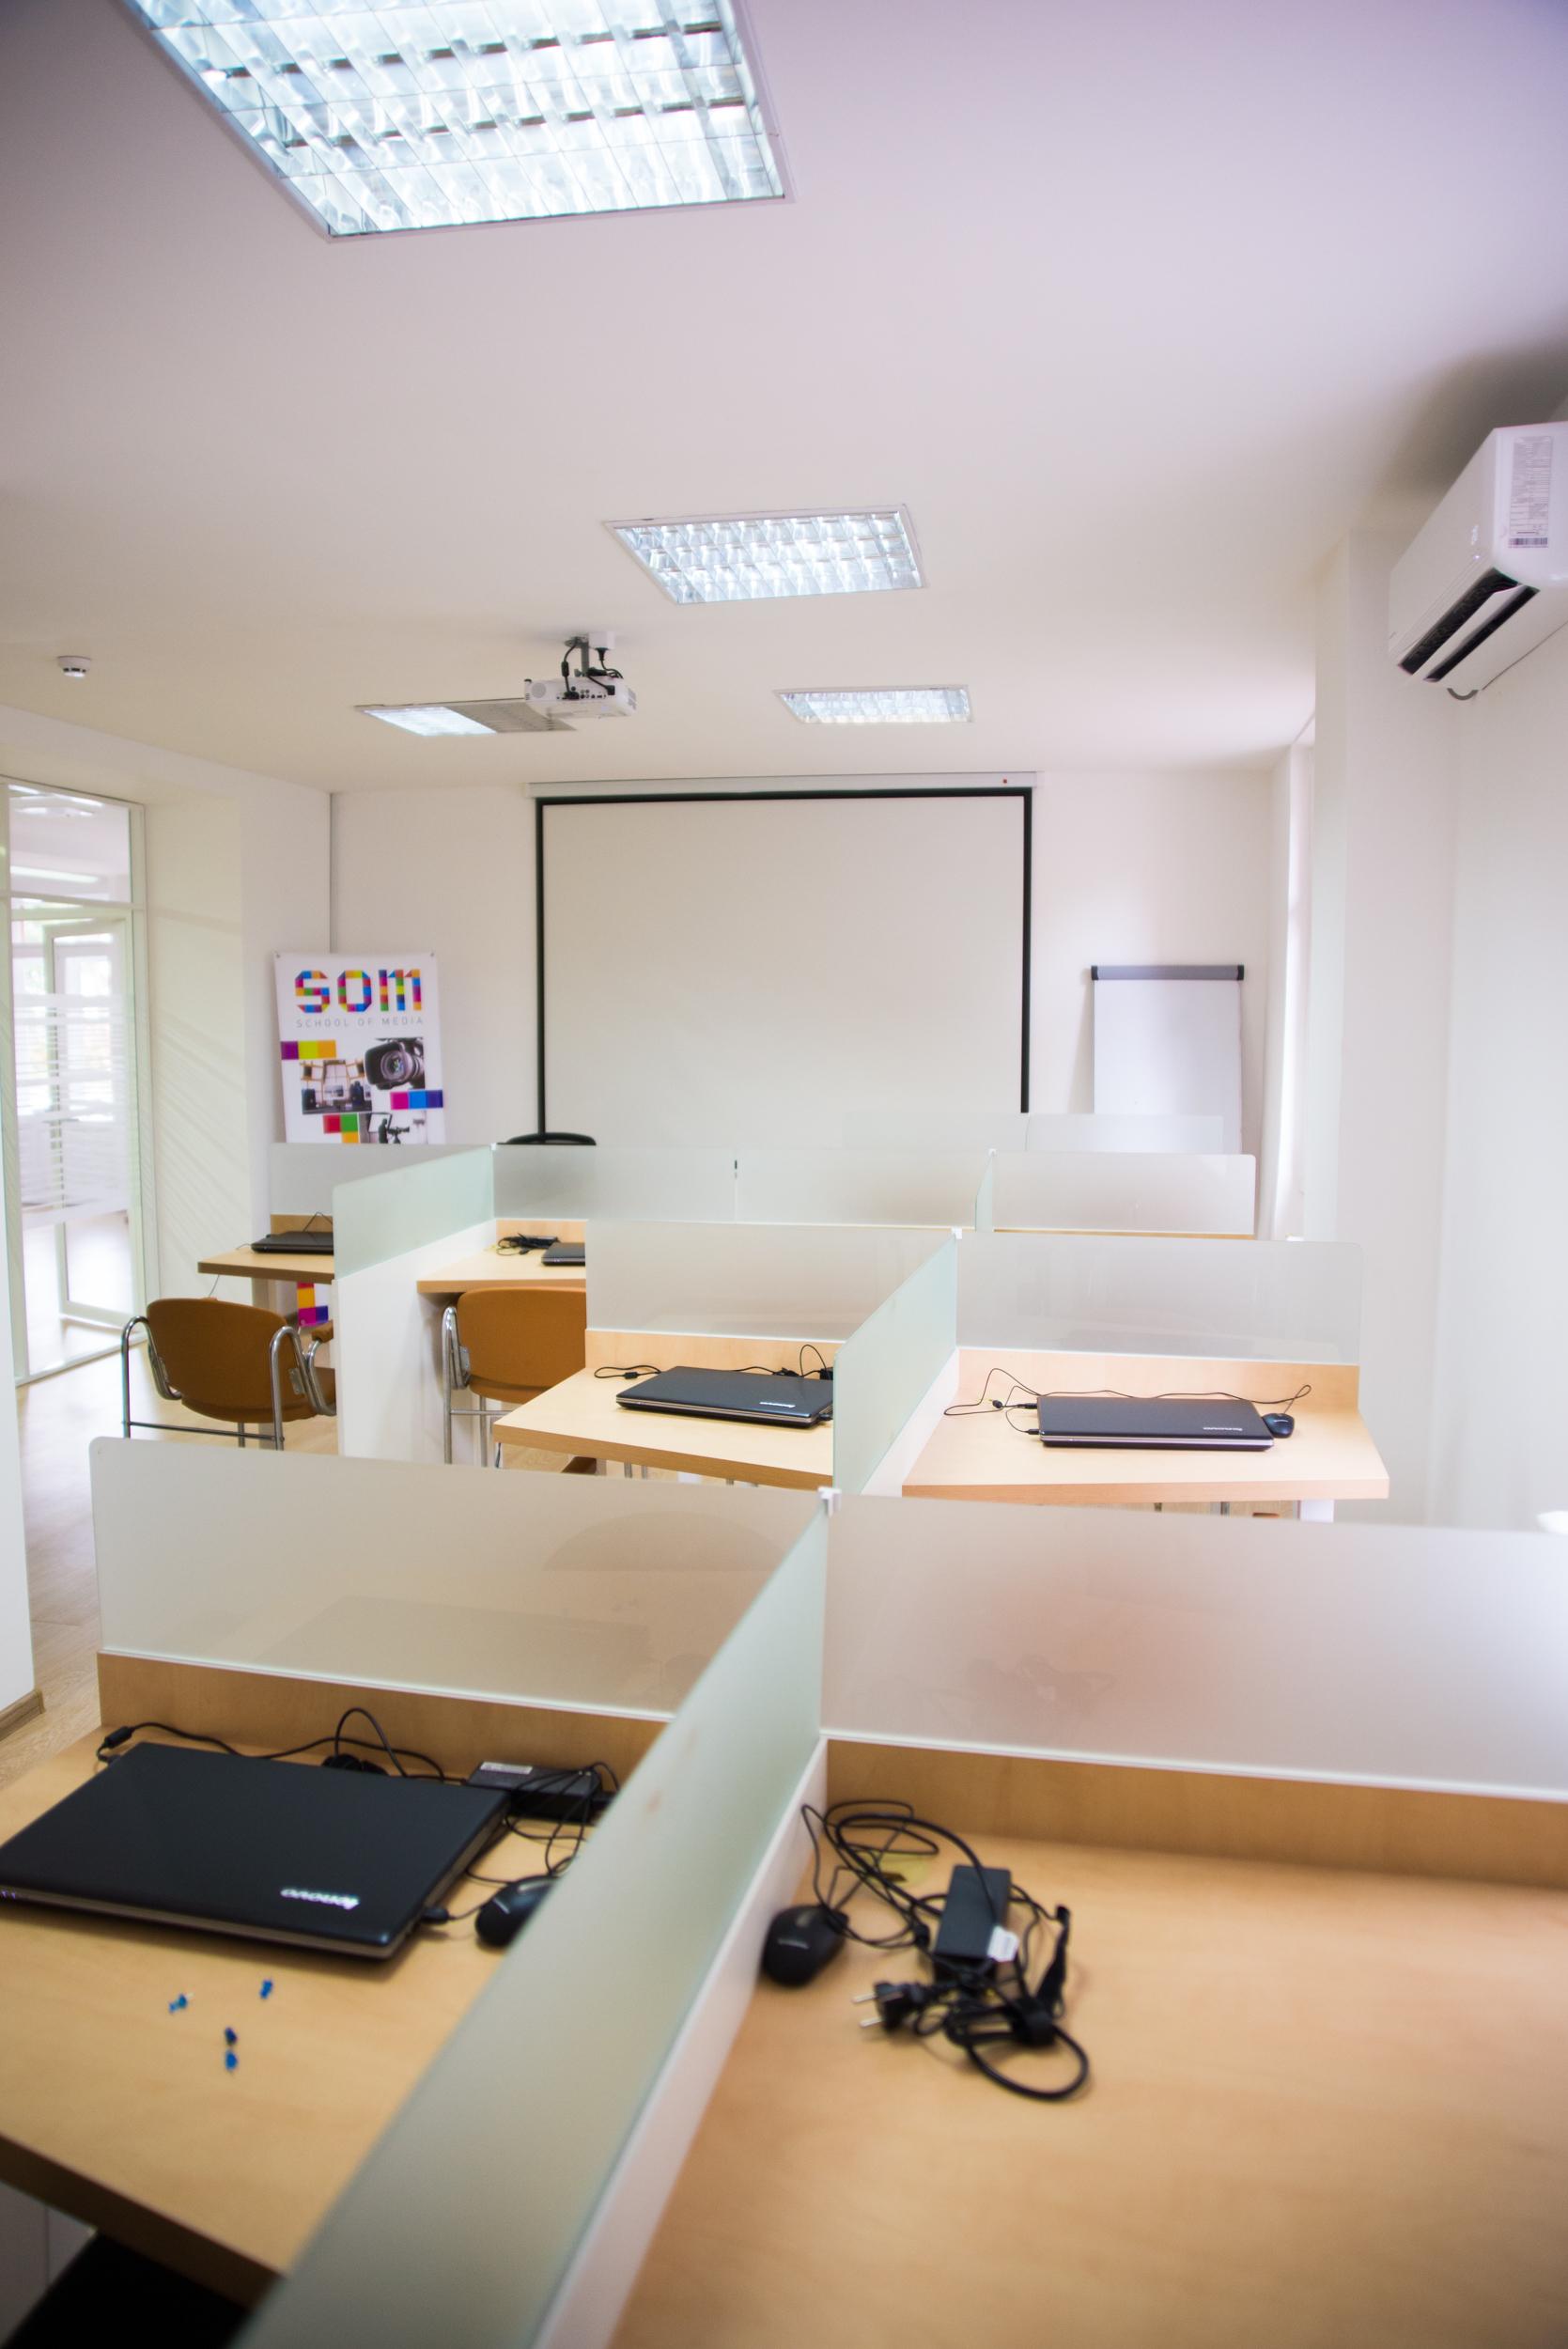 SOM. School Of Media_3